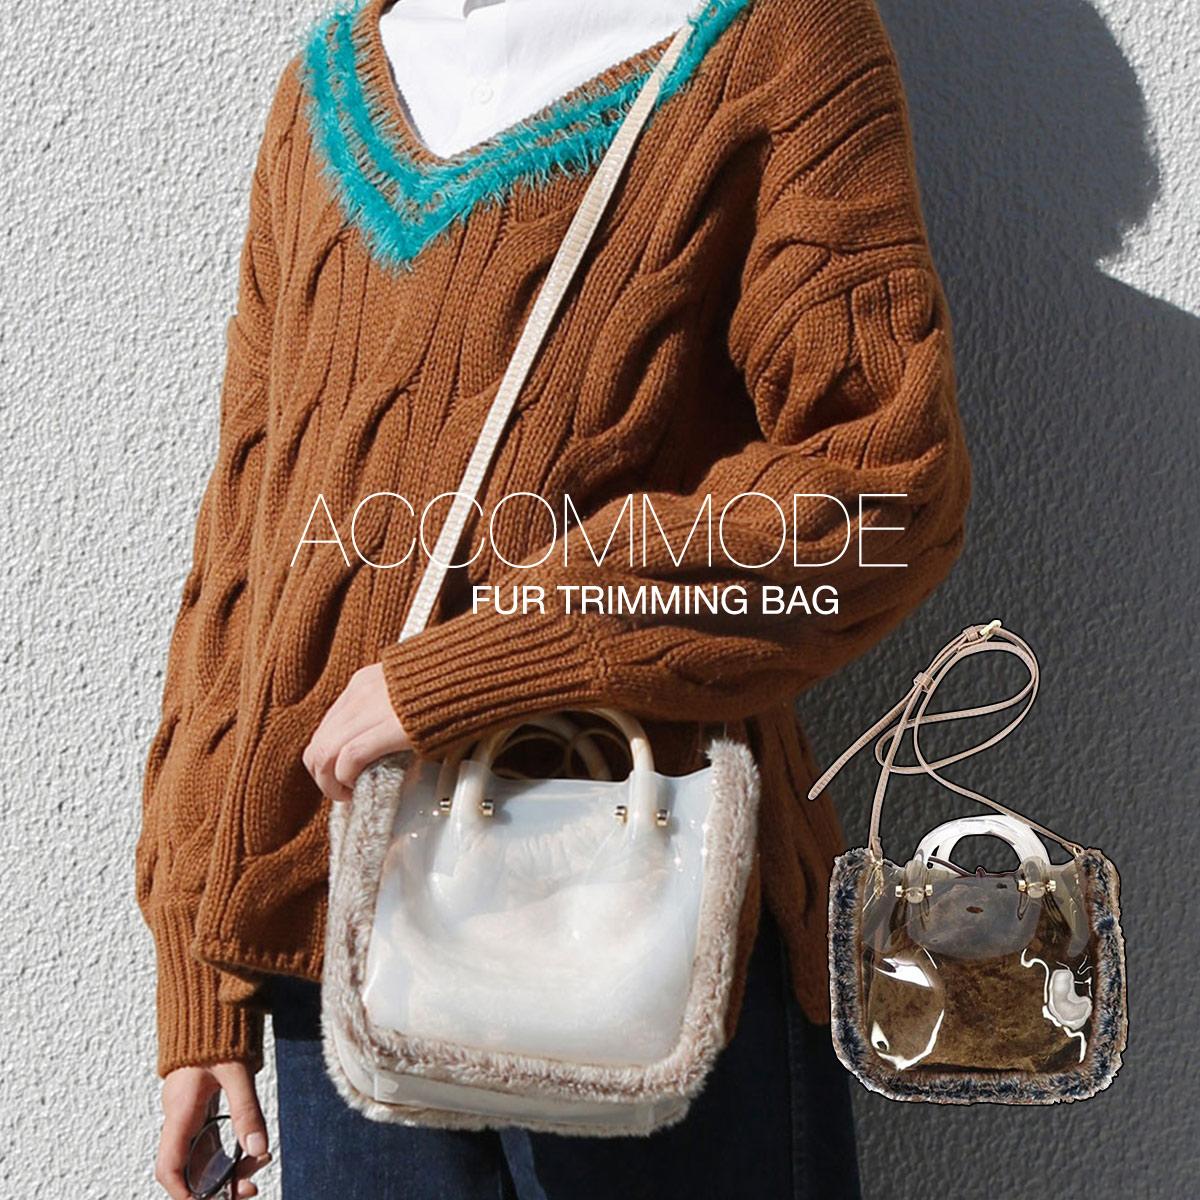 ファートリミングバッグ 安い アコモデ バッグ レディース ショルダーバッグ 大人 ファー 無地 ミニマル ミニバッグ ポシェット 肩がけ 輸入 カジュアル 巾着